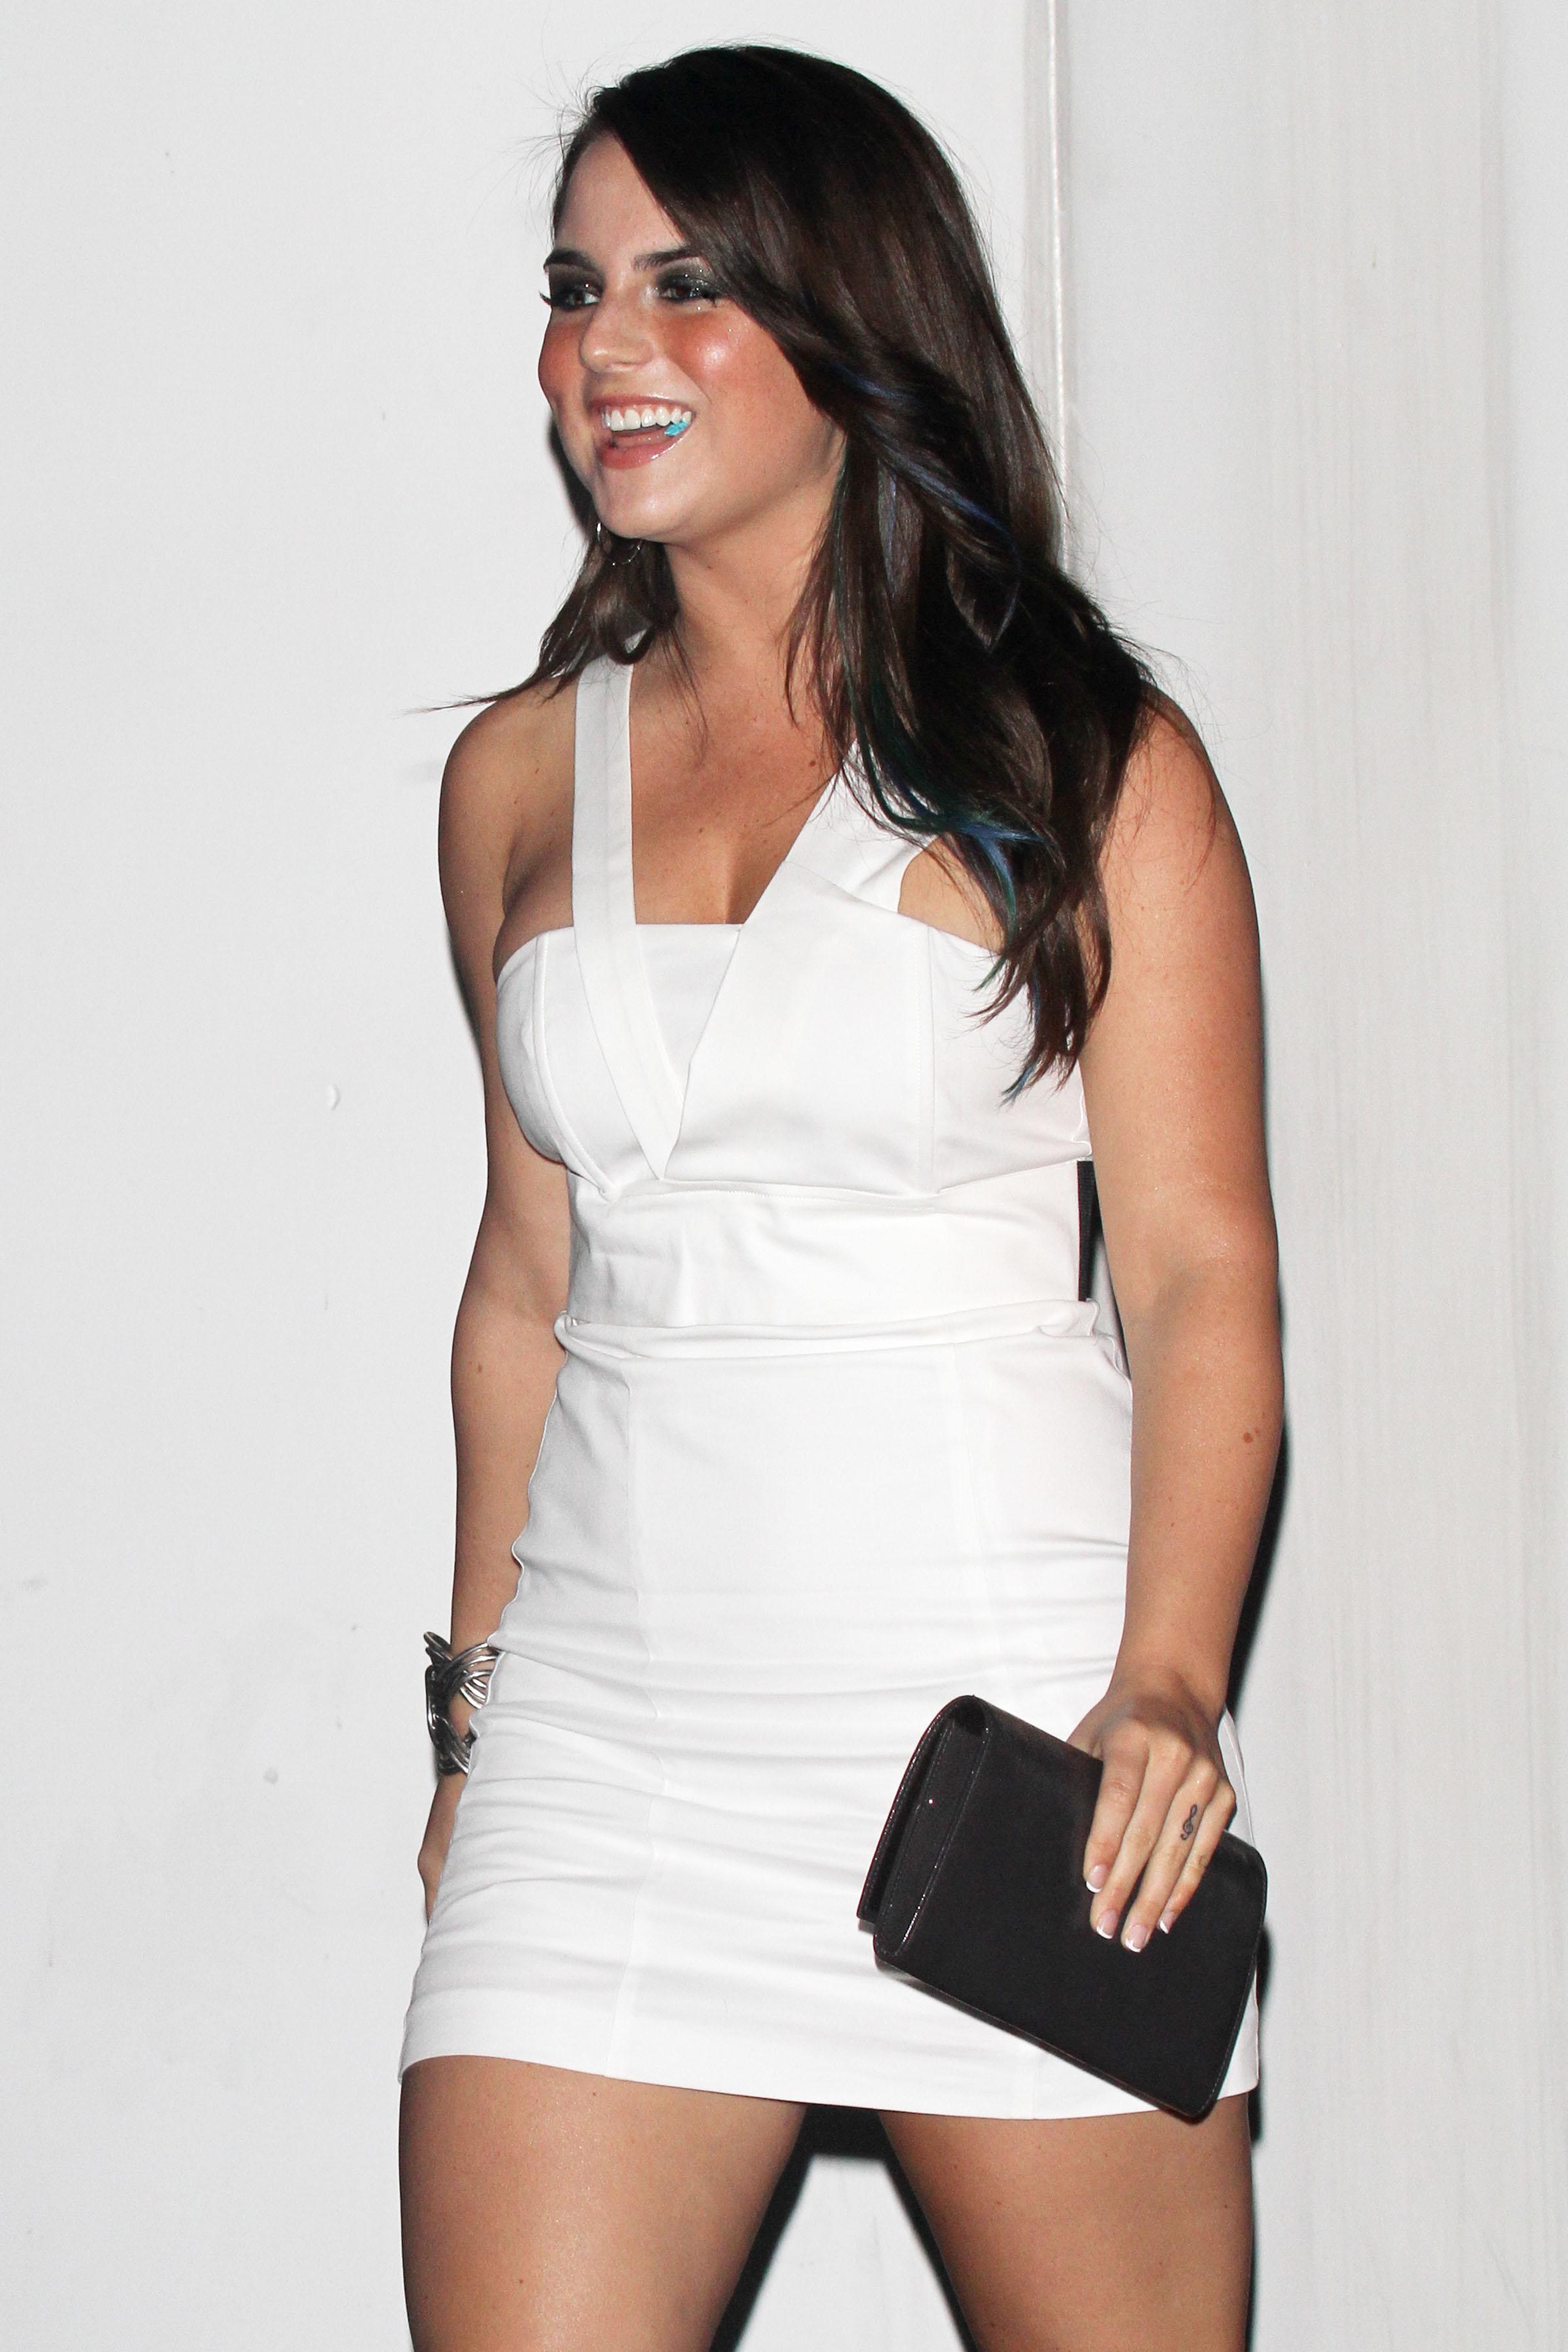 73678_Joanna_JoJo_Levesque_arrives_to_celebrate_Katy_Perrys_25th_birthday_party-1_122_115lo.jpg